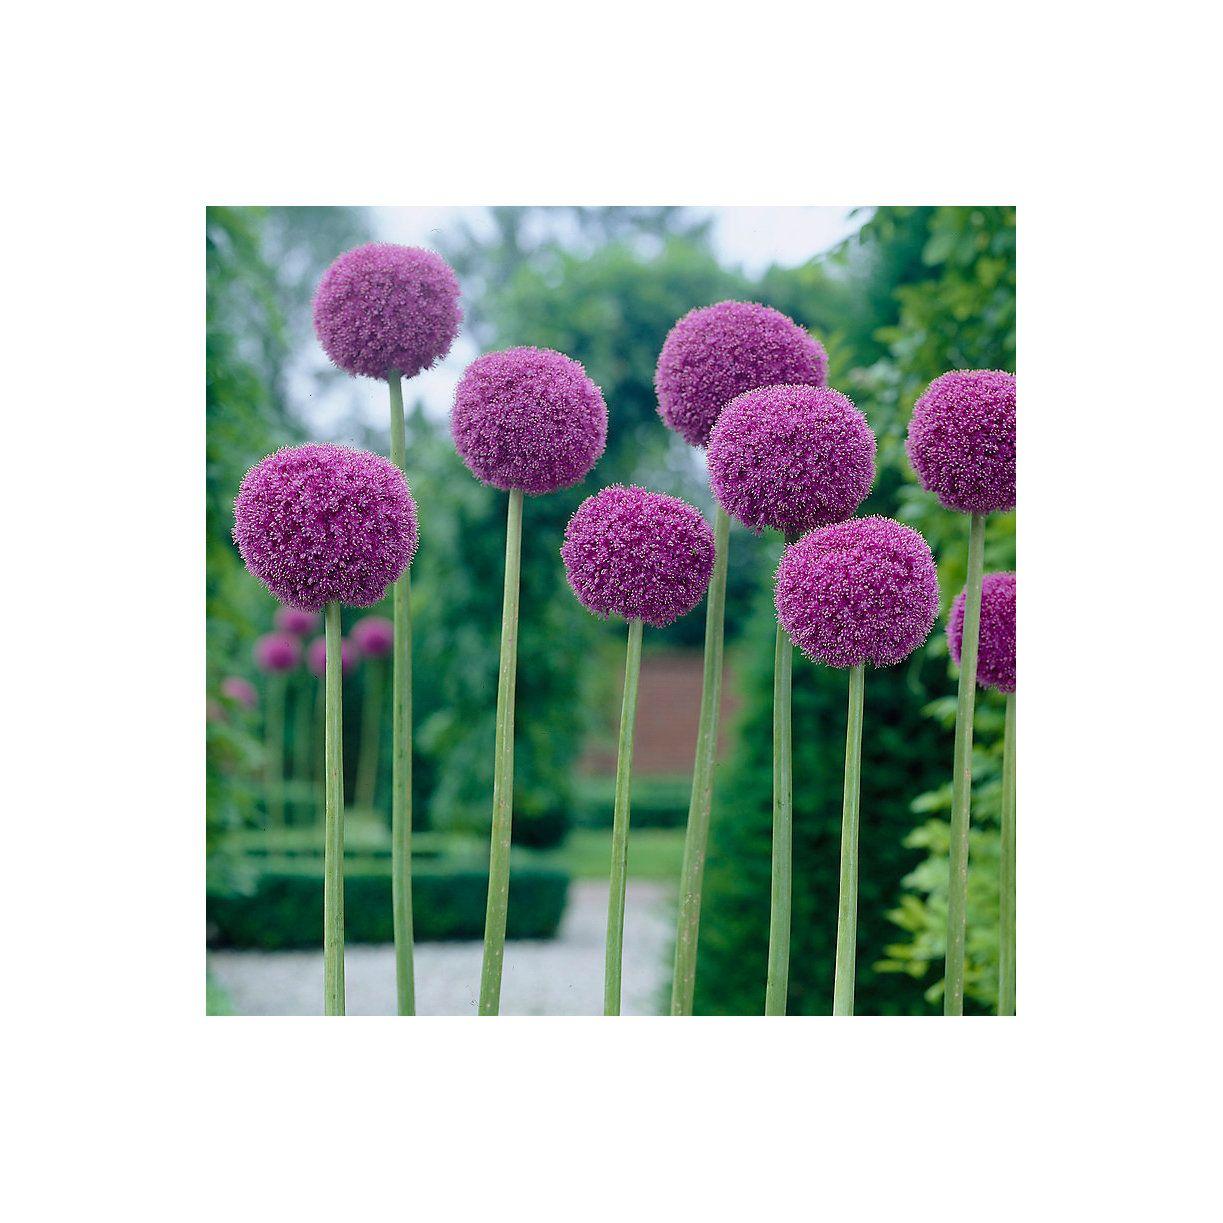 Allium Giganteum Bulbs With Images Allium Flowers Allium Giganteum